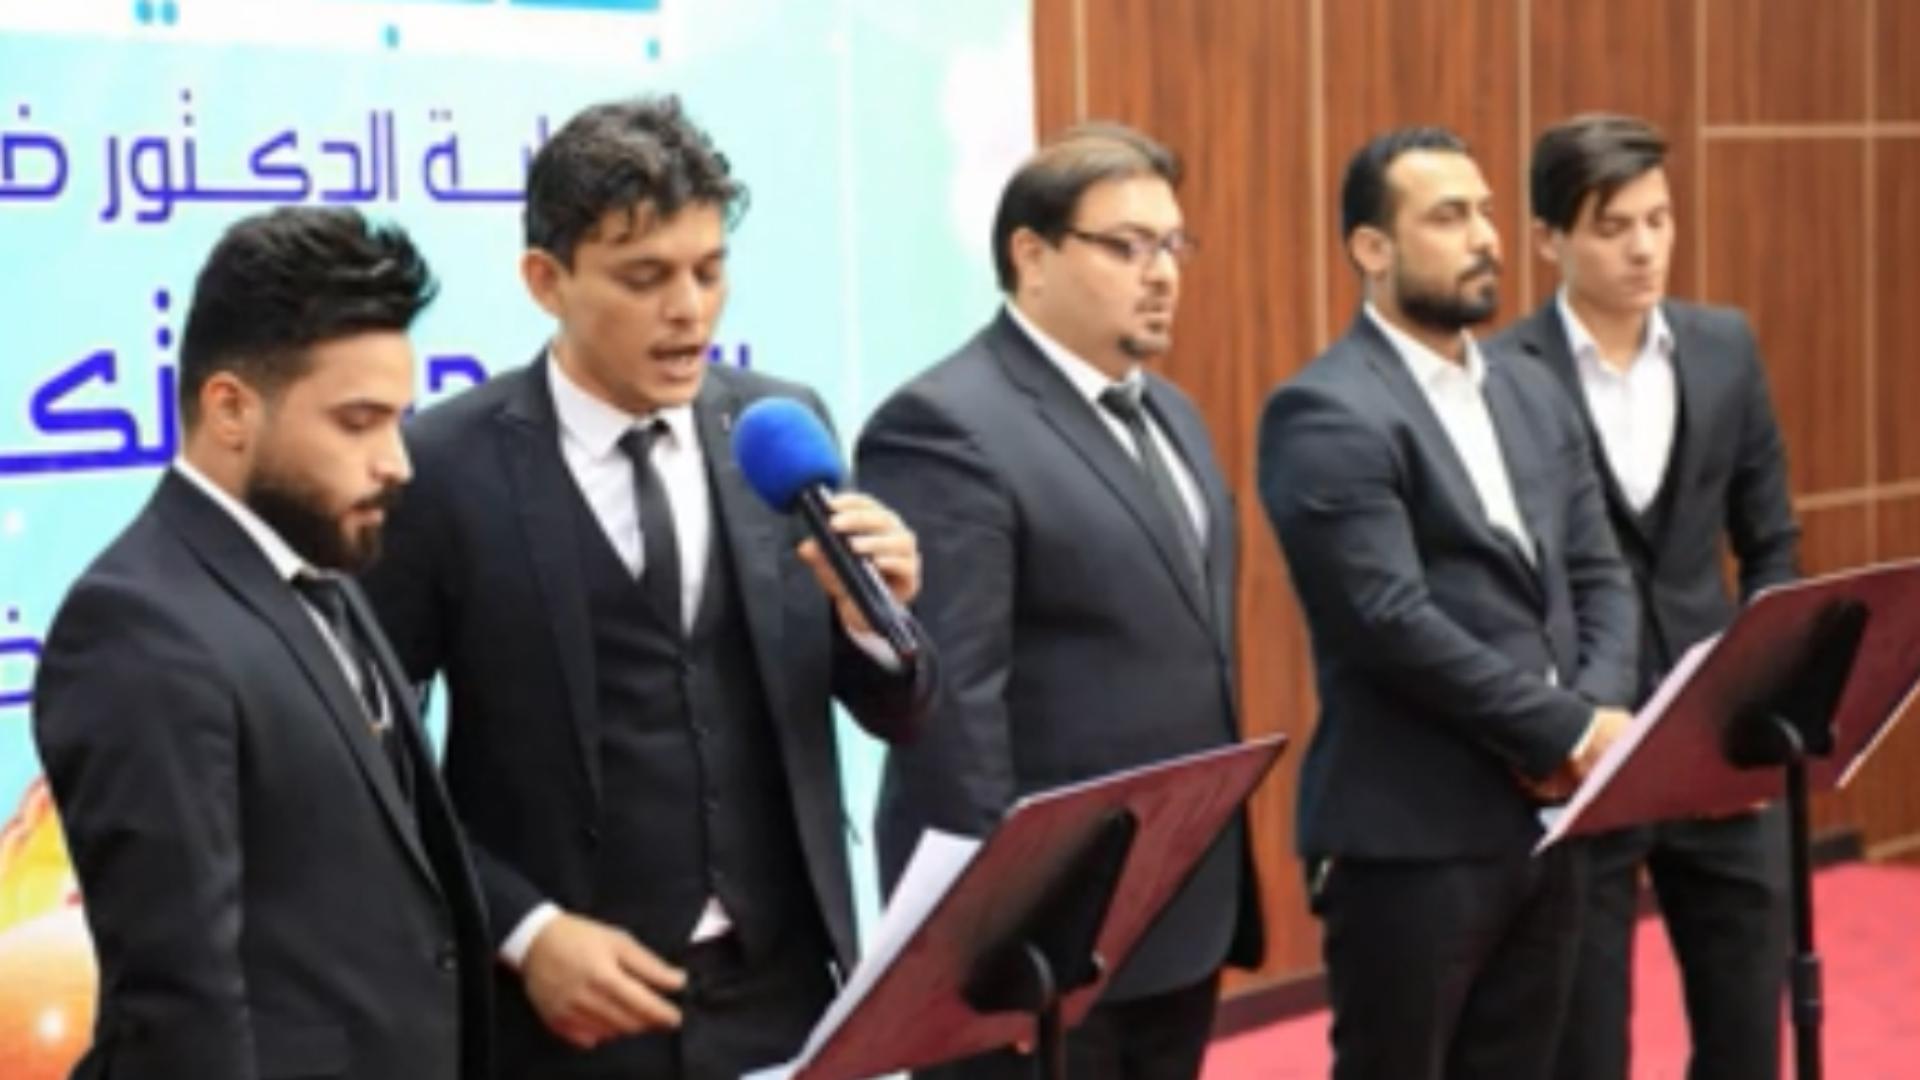 تكريم مجموعة من أبناء وبنات البصرة المتميزين